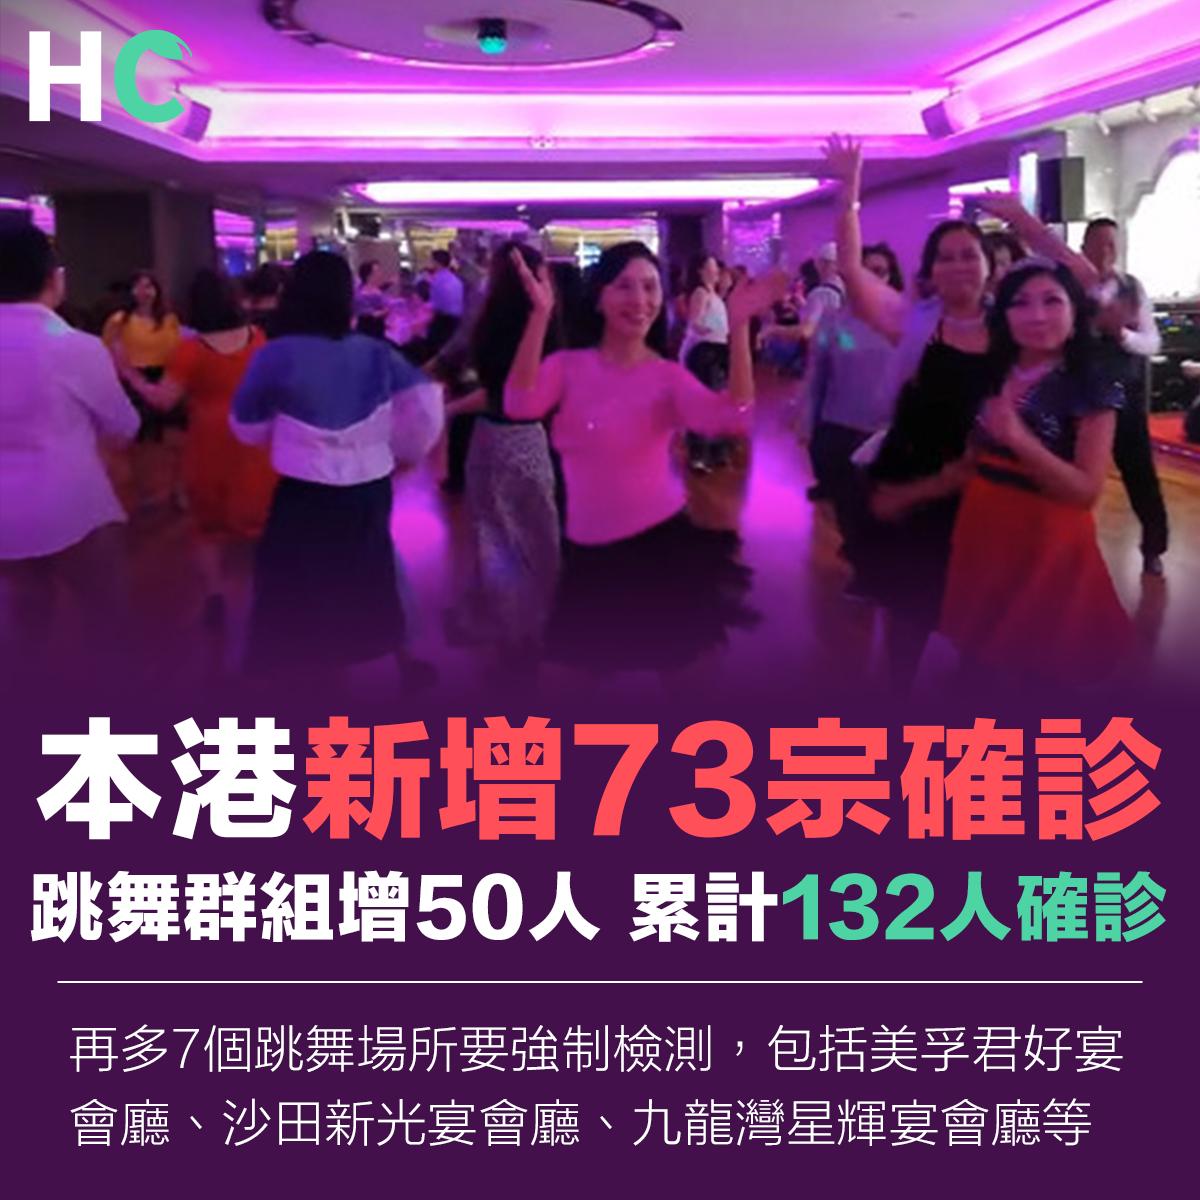 本港新增73宗確診 跳舞群組再增50人累計132人確診